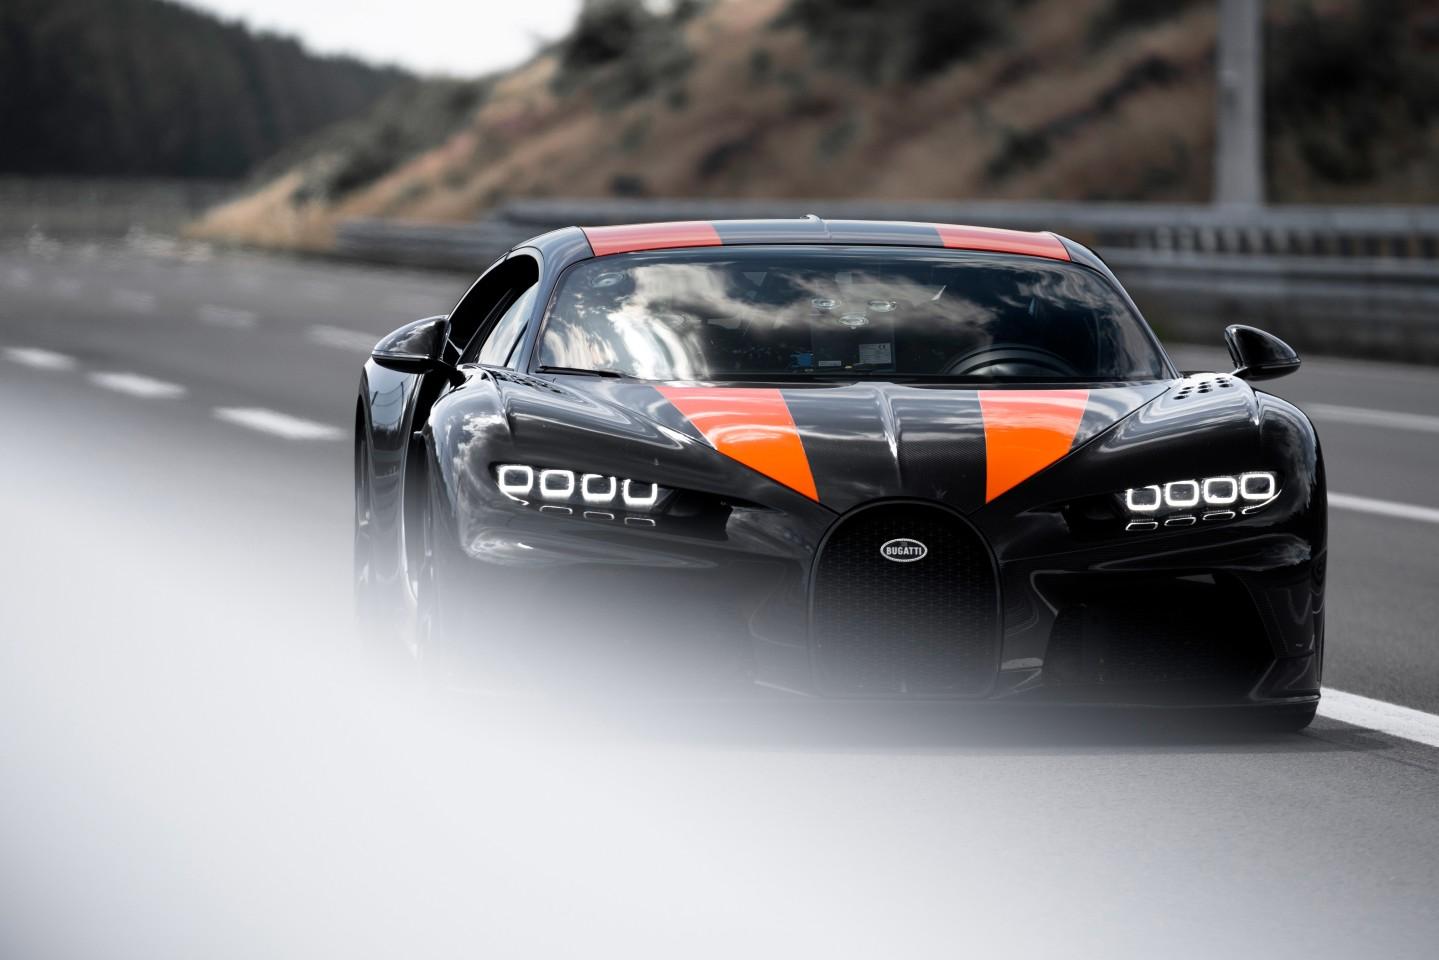 The Bugatti Chiron Super Sport 300+